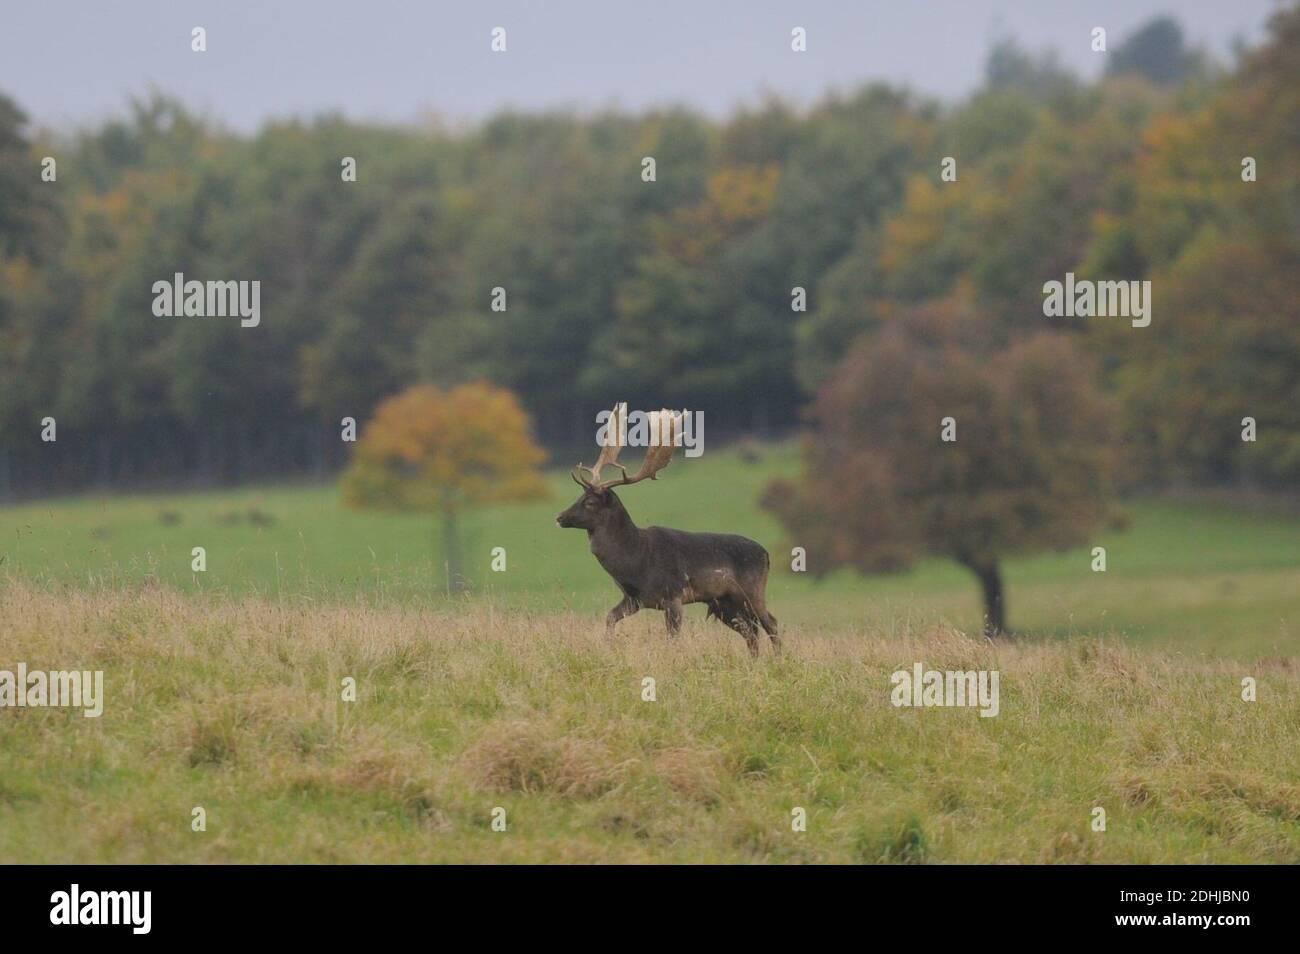 Un cerf dans le domaine du château de Raby, comté de Durham entouré de couleurs automnales. Photo prise le 16 octobre 2020 Banque D'Images